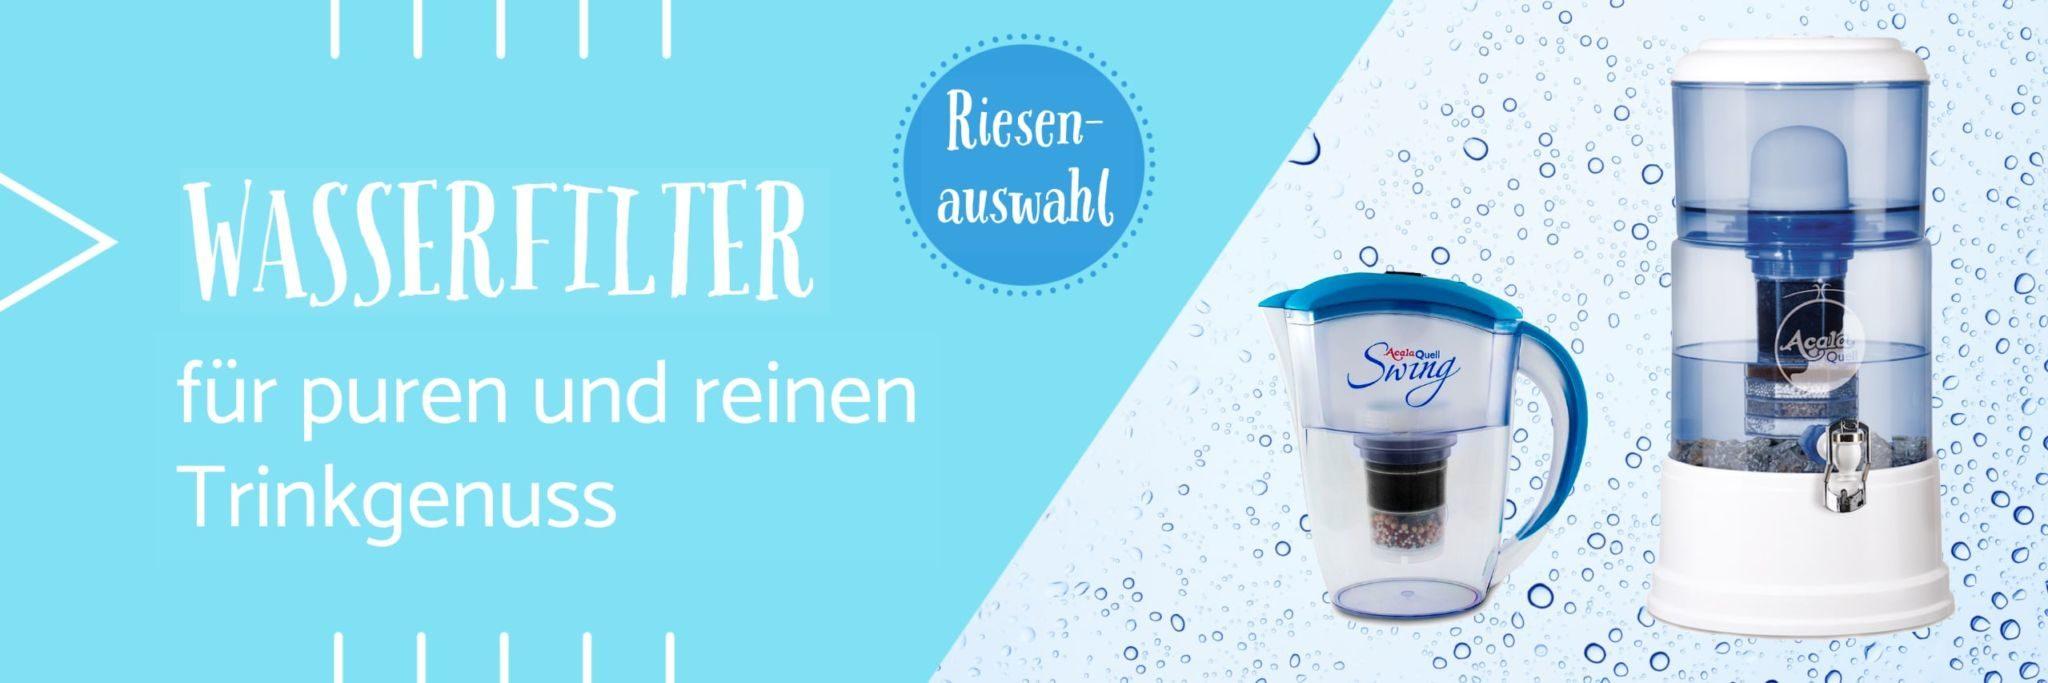 Happy Vita Banner Riesenauswahl Wasserfilter für puren und reinen Trinkgenuss